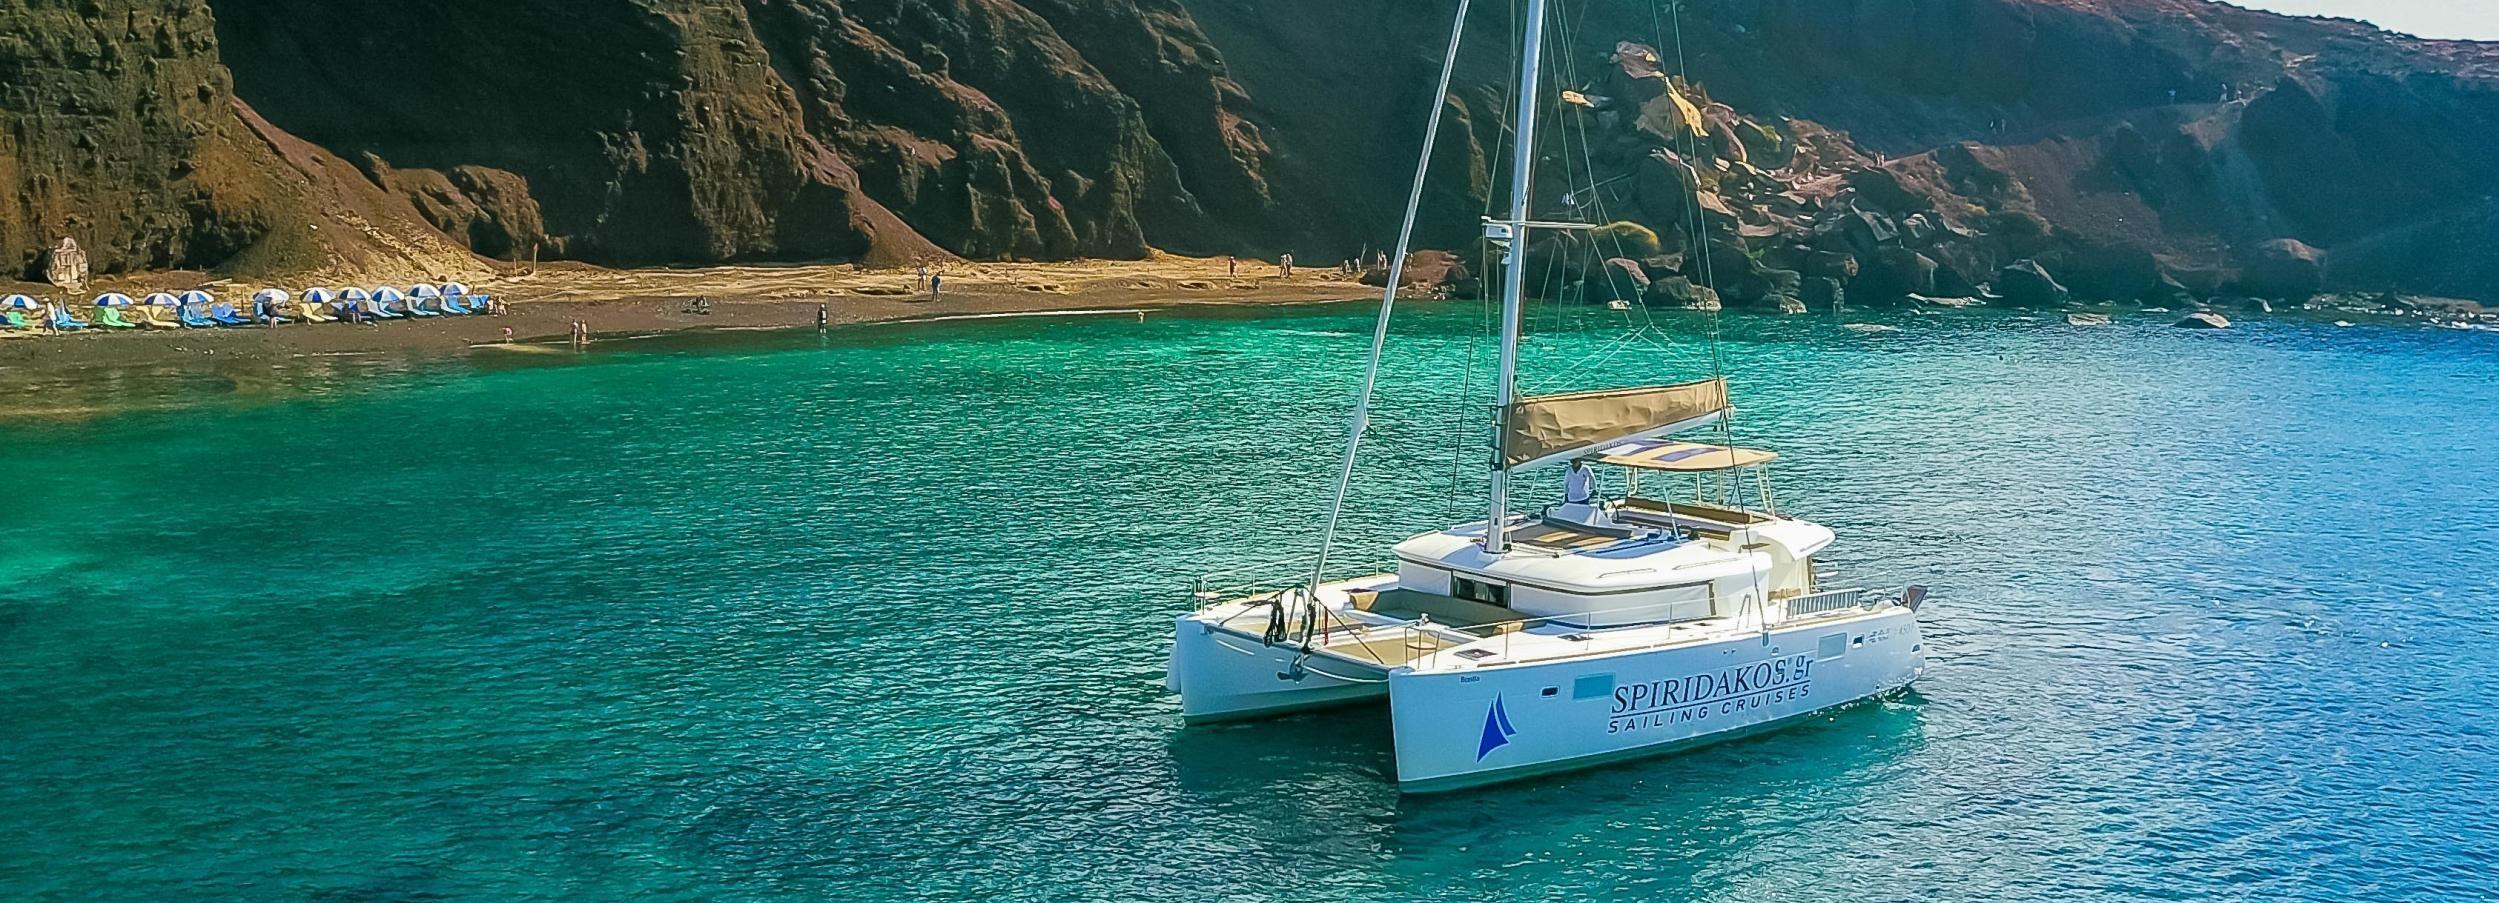 Santorini: crucero en grupo reducido con comida y bebidas